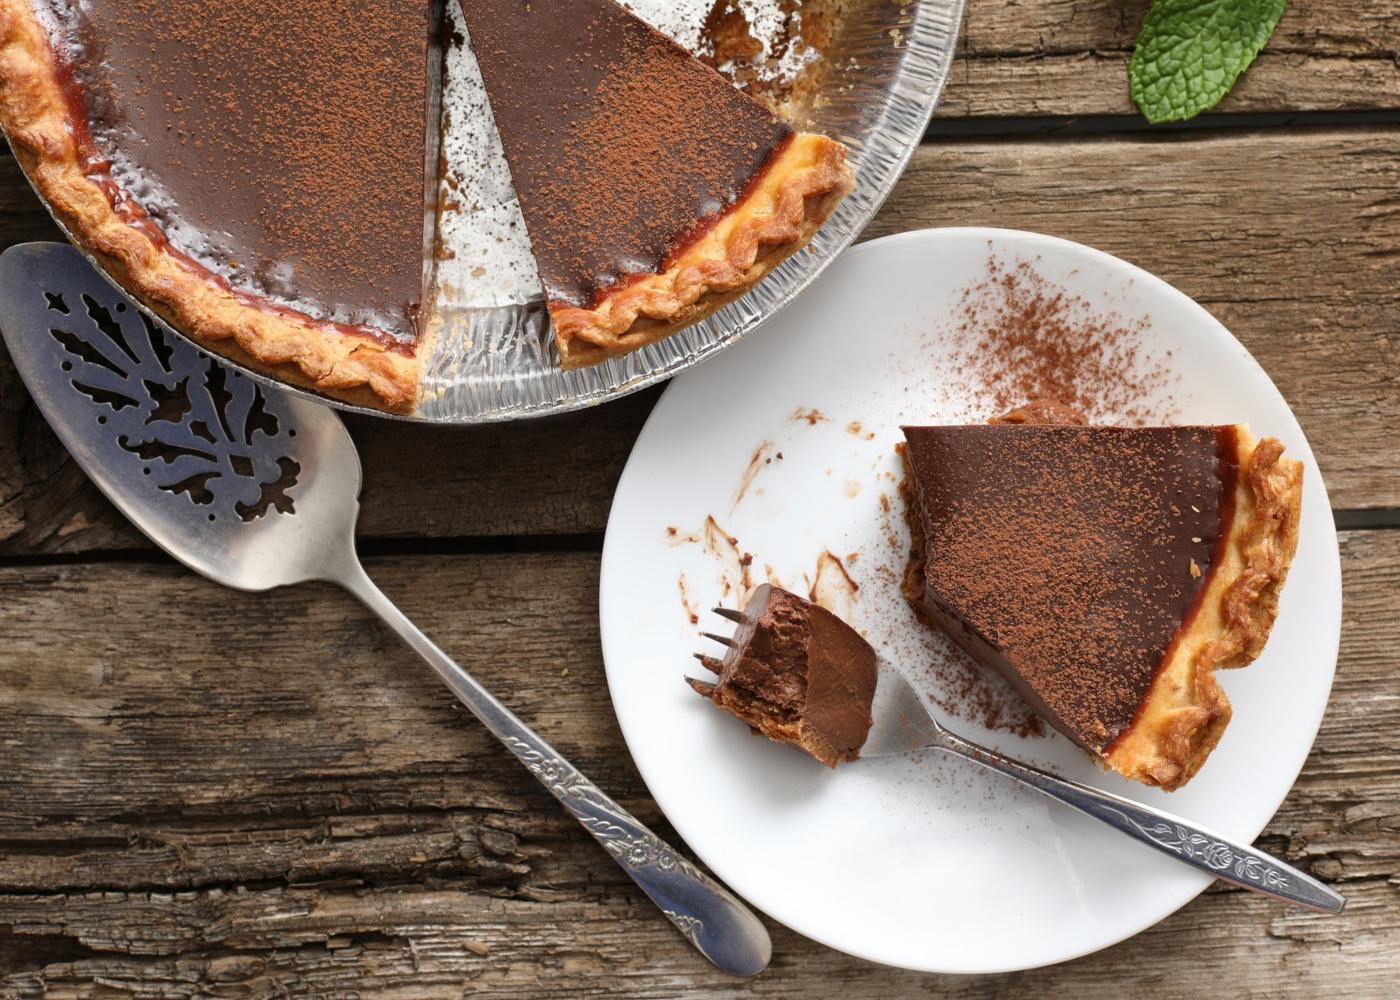 Sobremesas saudáveis que não precisam de forno: tarte de chocolate